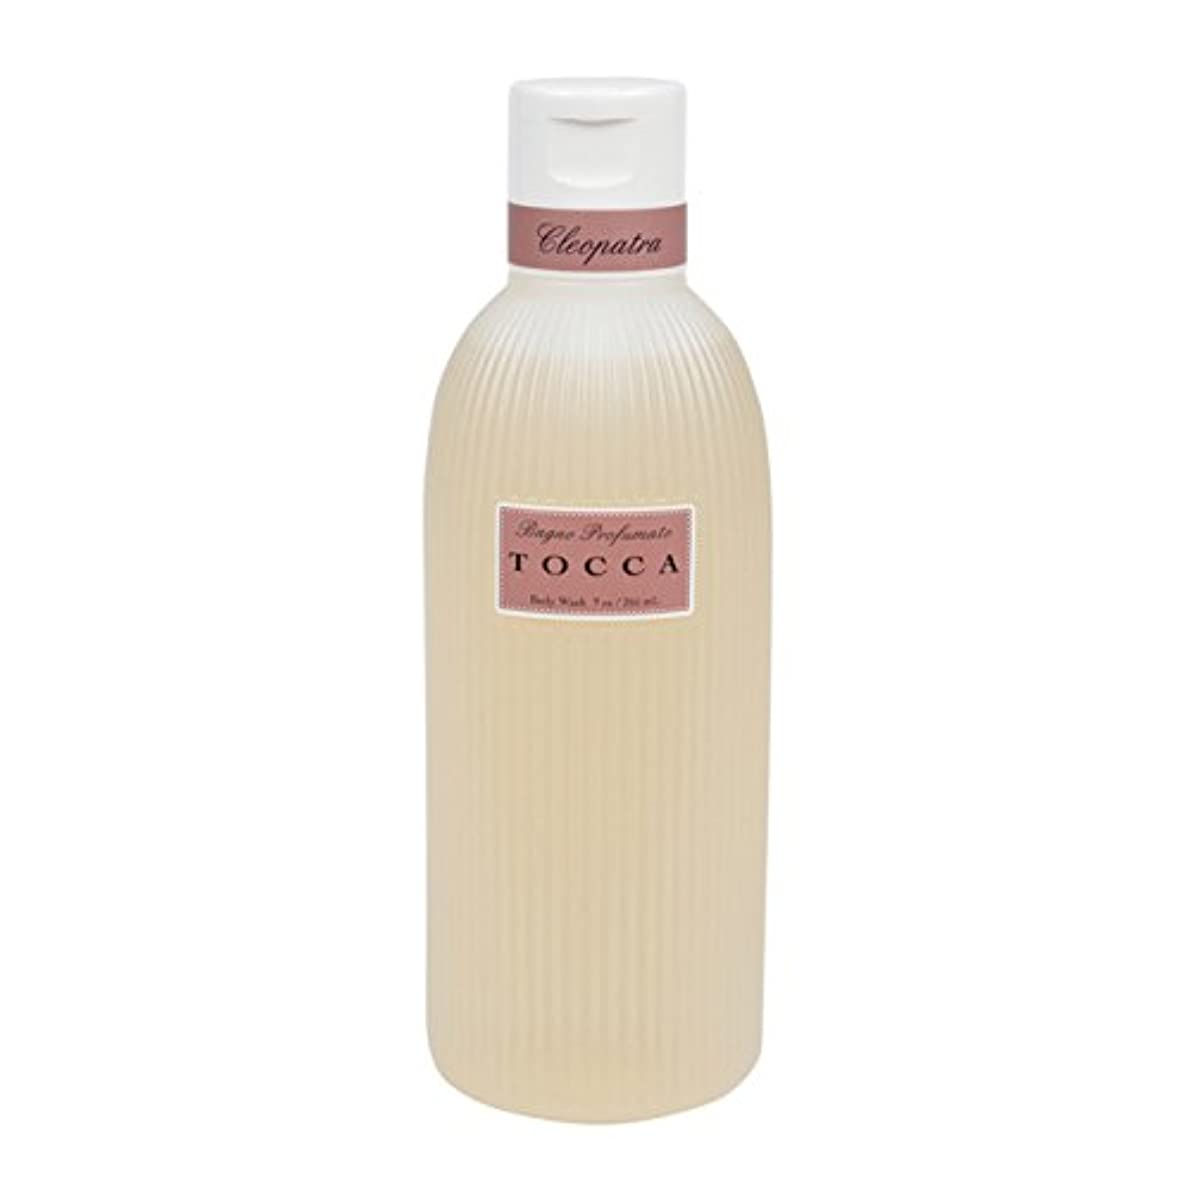 武器多分汚れるトッカ(TOCCA) ボディーケアウォッシュ クレオパトラの香り 266ml(全身用洗浄料 ボディーソープ グレープフルーツとキューカンバーのフレッシュでクリーンな香り)